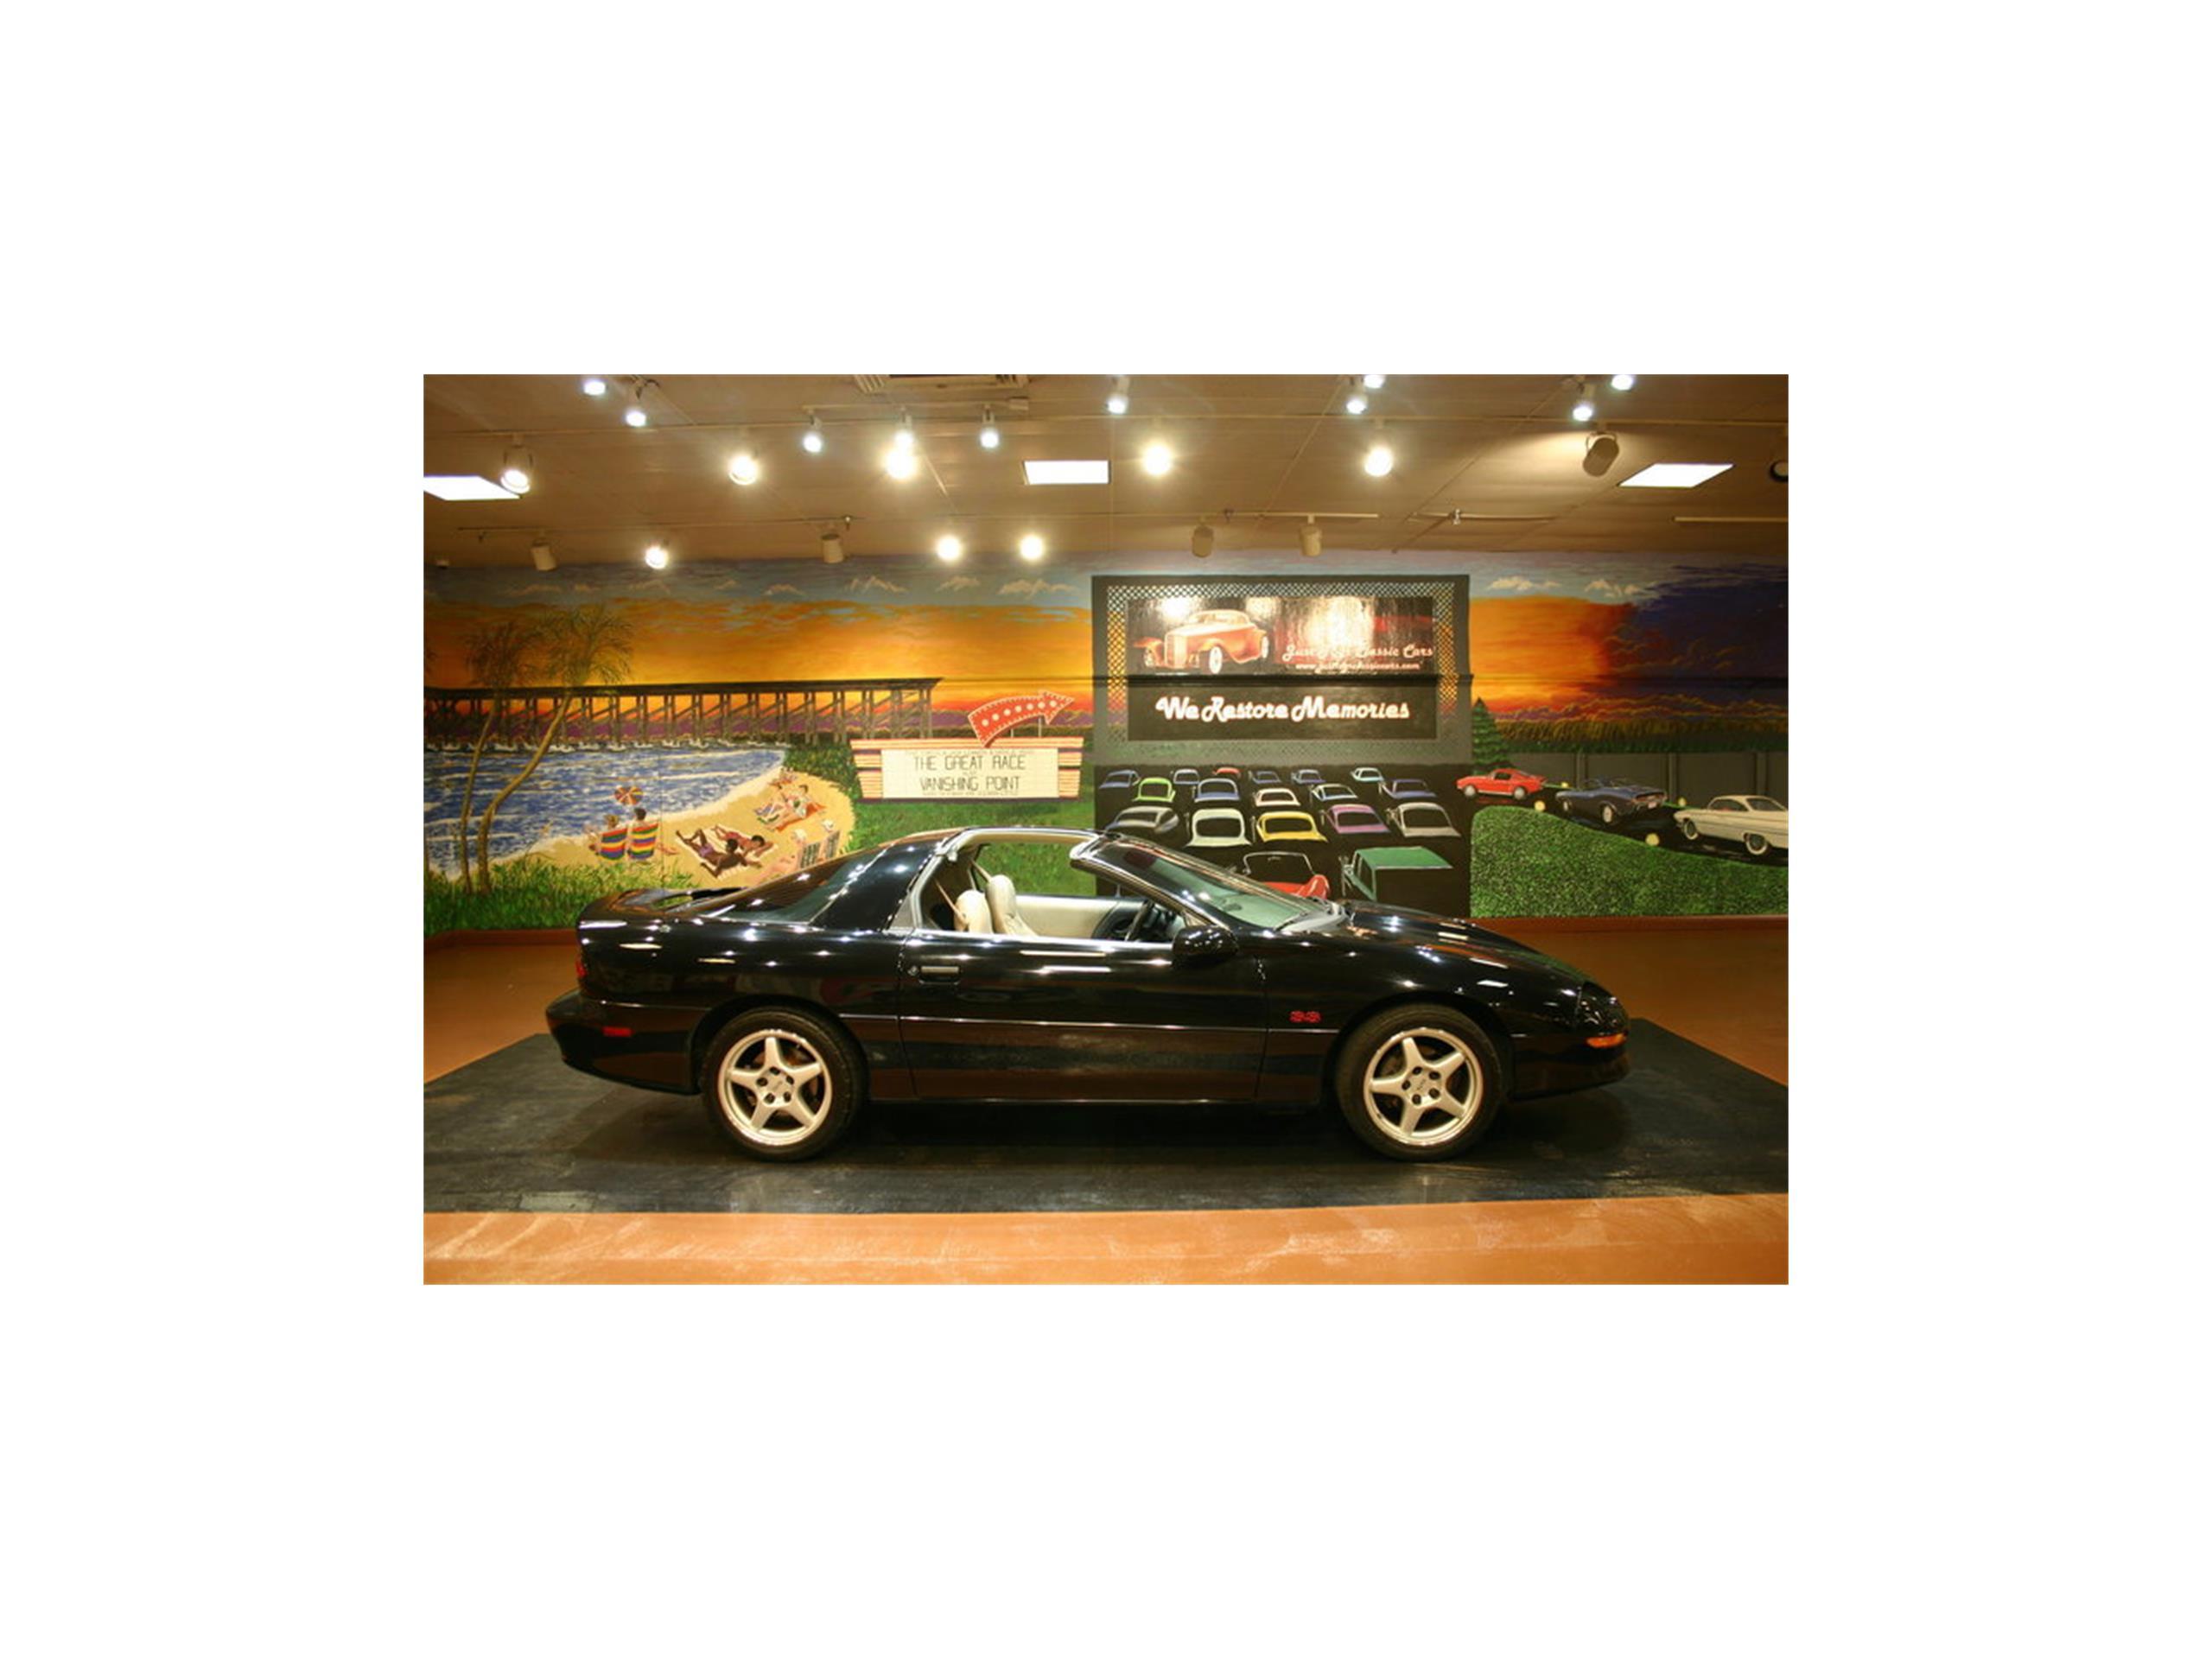 1996 chevrolet camaro ss for sale classiccars com cc 1038806 rh classiccars com 2020 Chevy Camaro Camaro Shop Manual